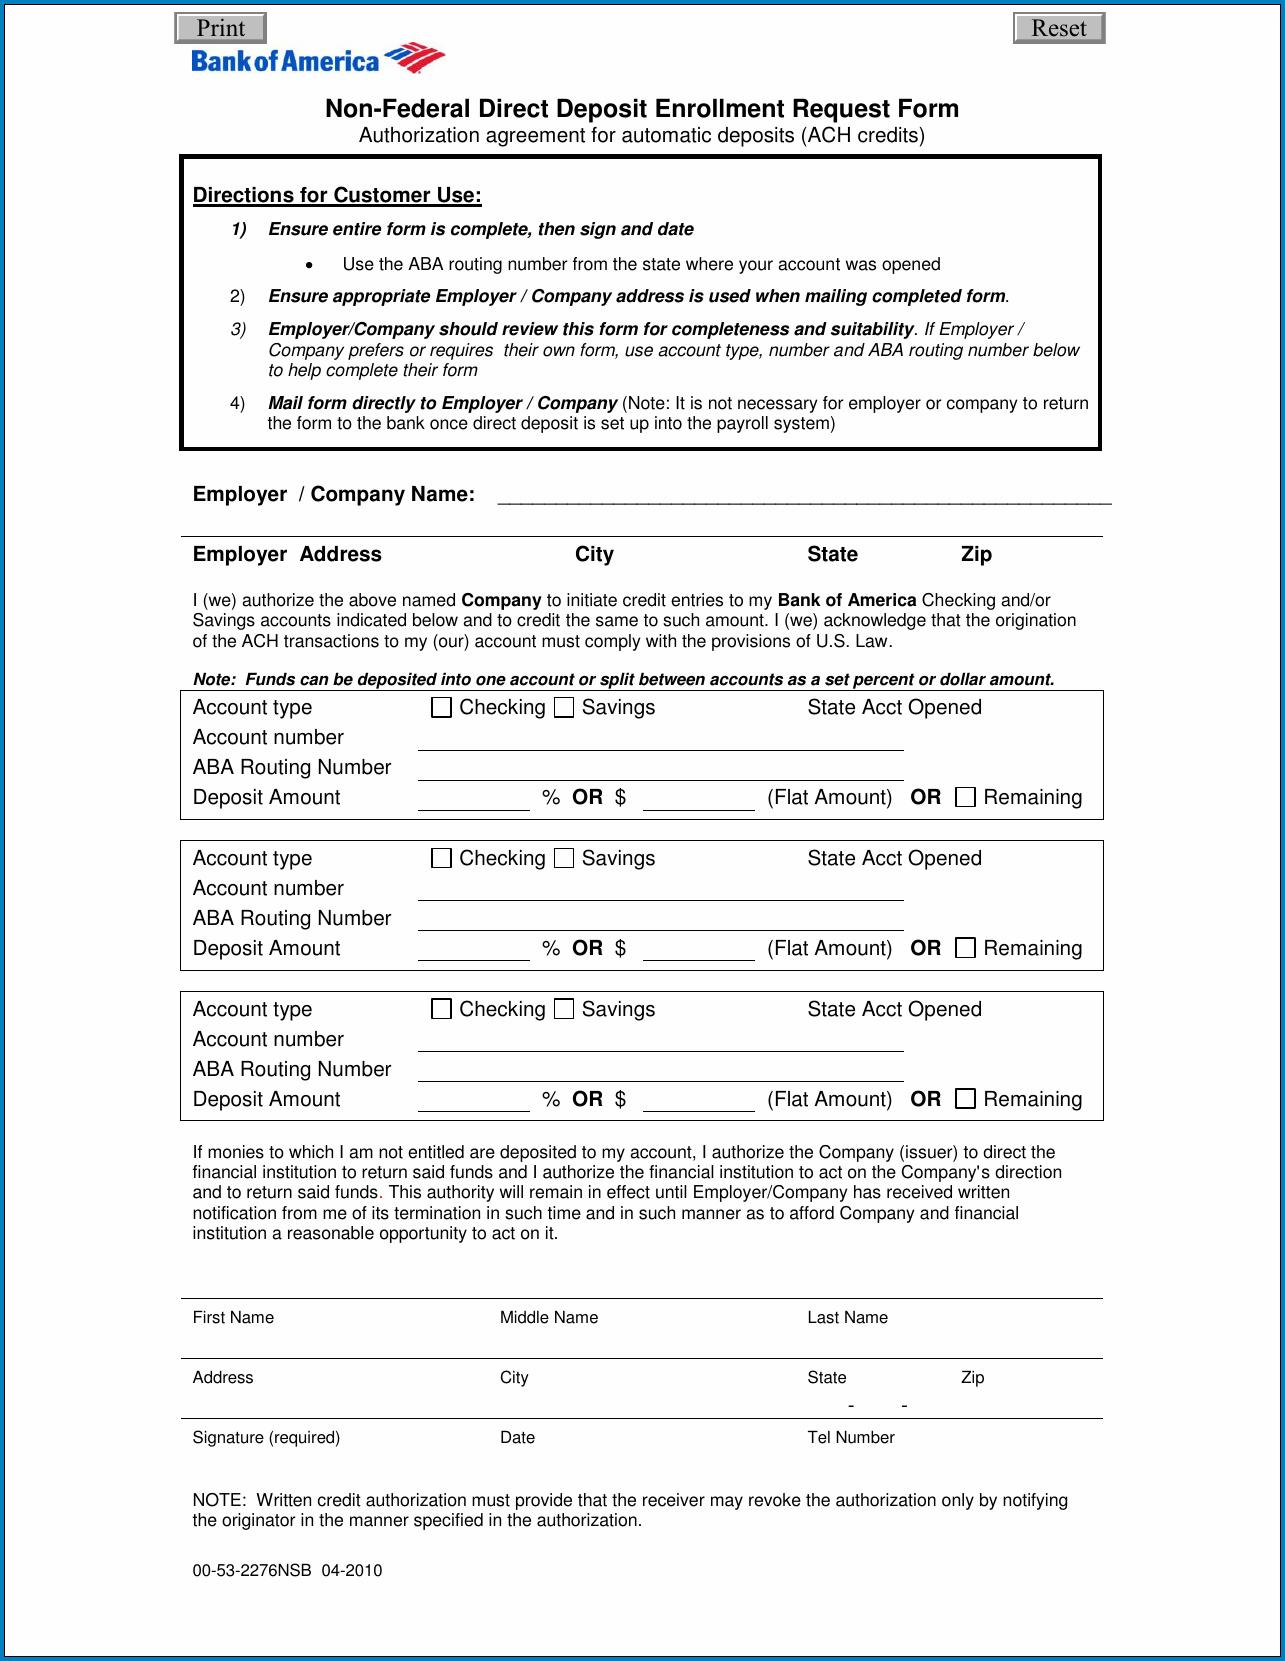 Direct Deposit Enrollment Form Sample